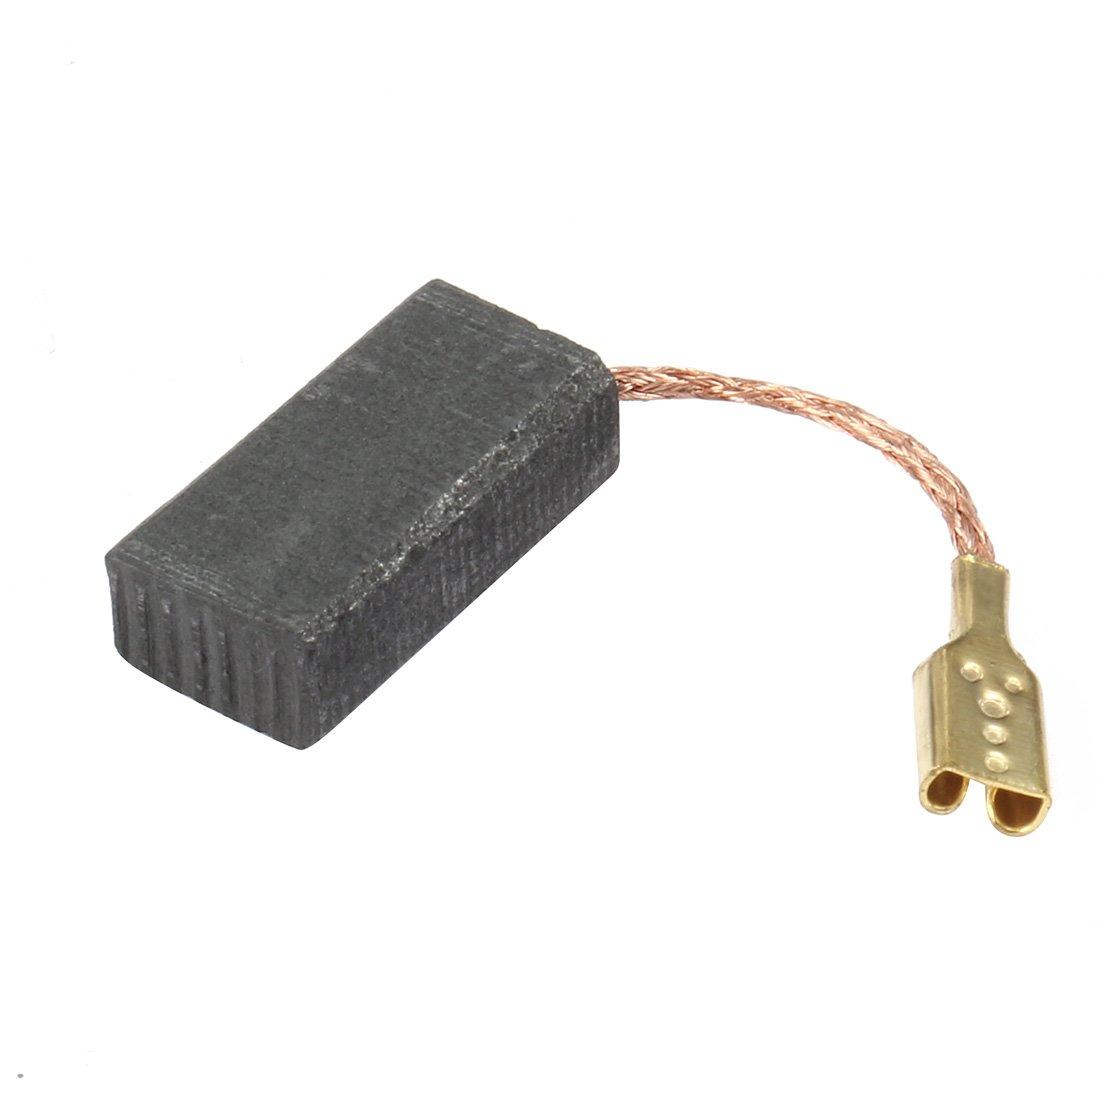 sourcingmap® 5 pares de 15mm x 8mm x 5mm Escobillas de carbón del motor de repuesto para el compresor de aire: Amazon.es: Bricolaje y herramientas